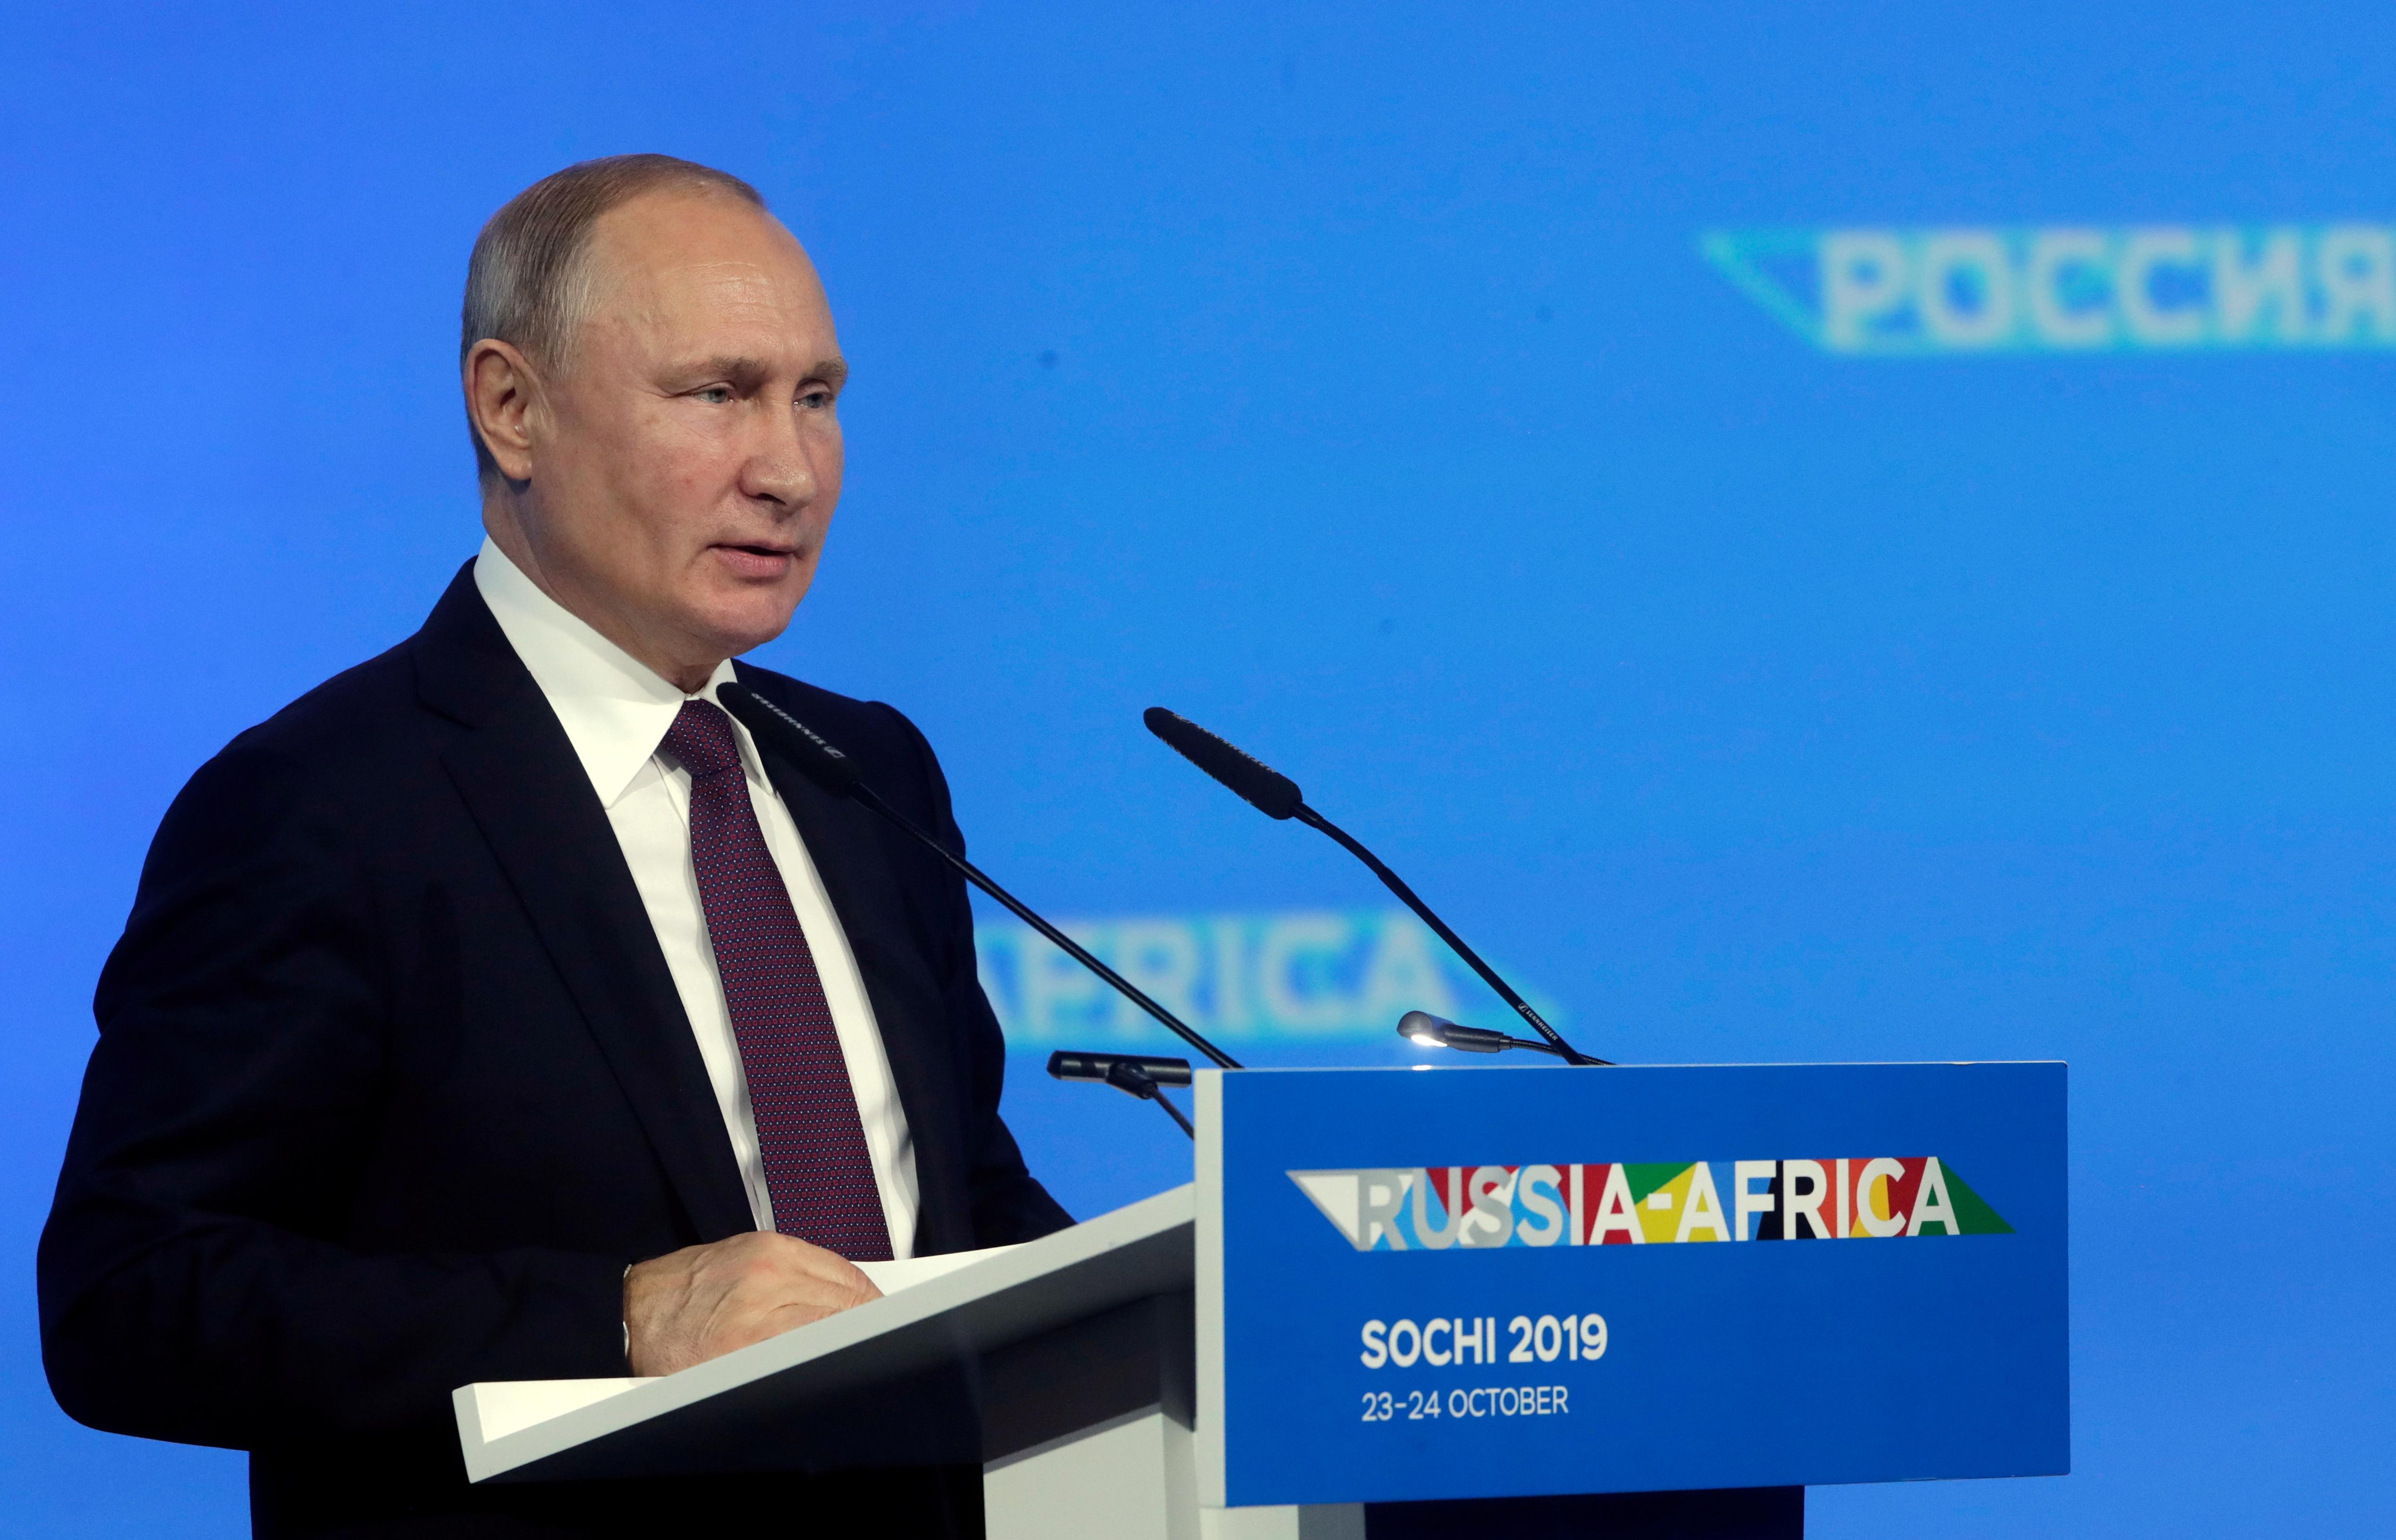 الرئيس الروسي فلاديمير بوتين - قمة سوتشي